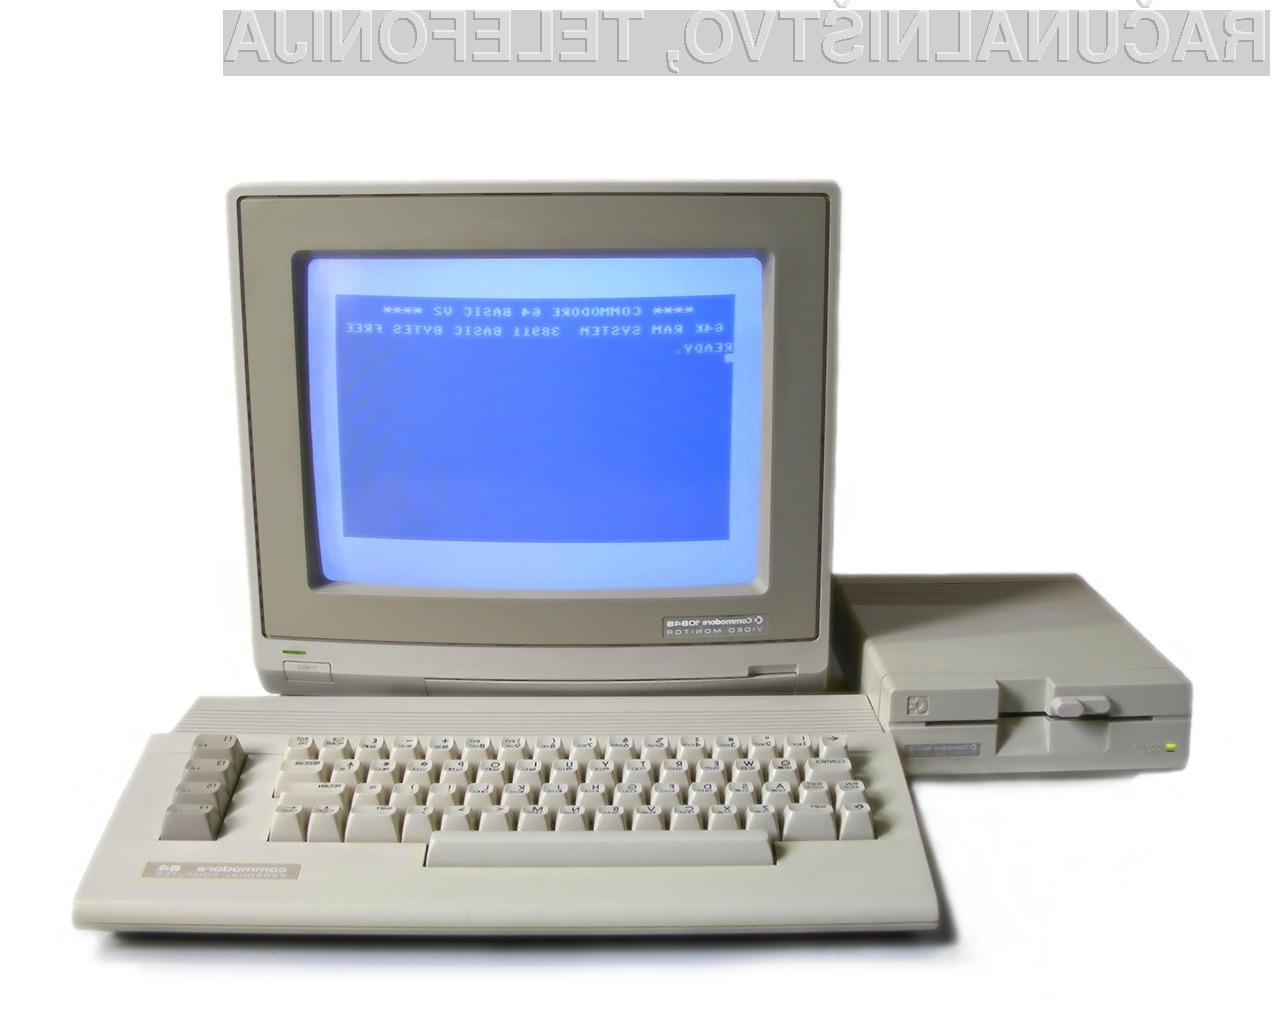 Hišni računalnik Commodore 64 se je prvič pojavil na trgu leta 1982.